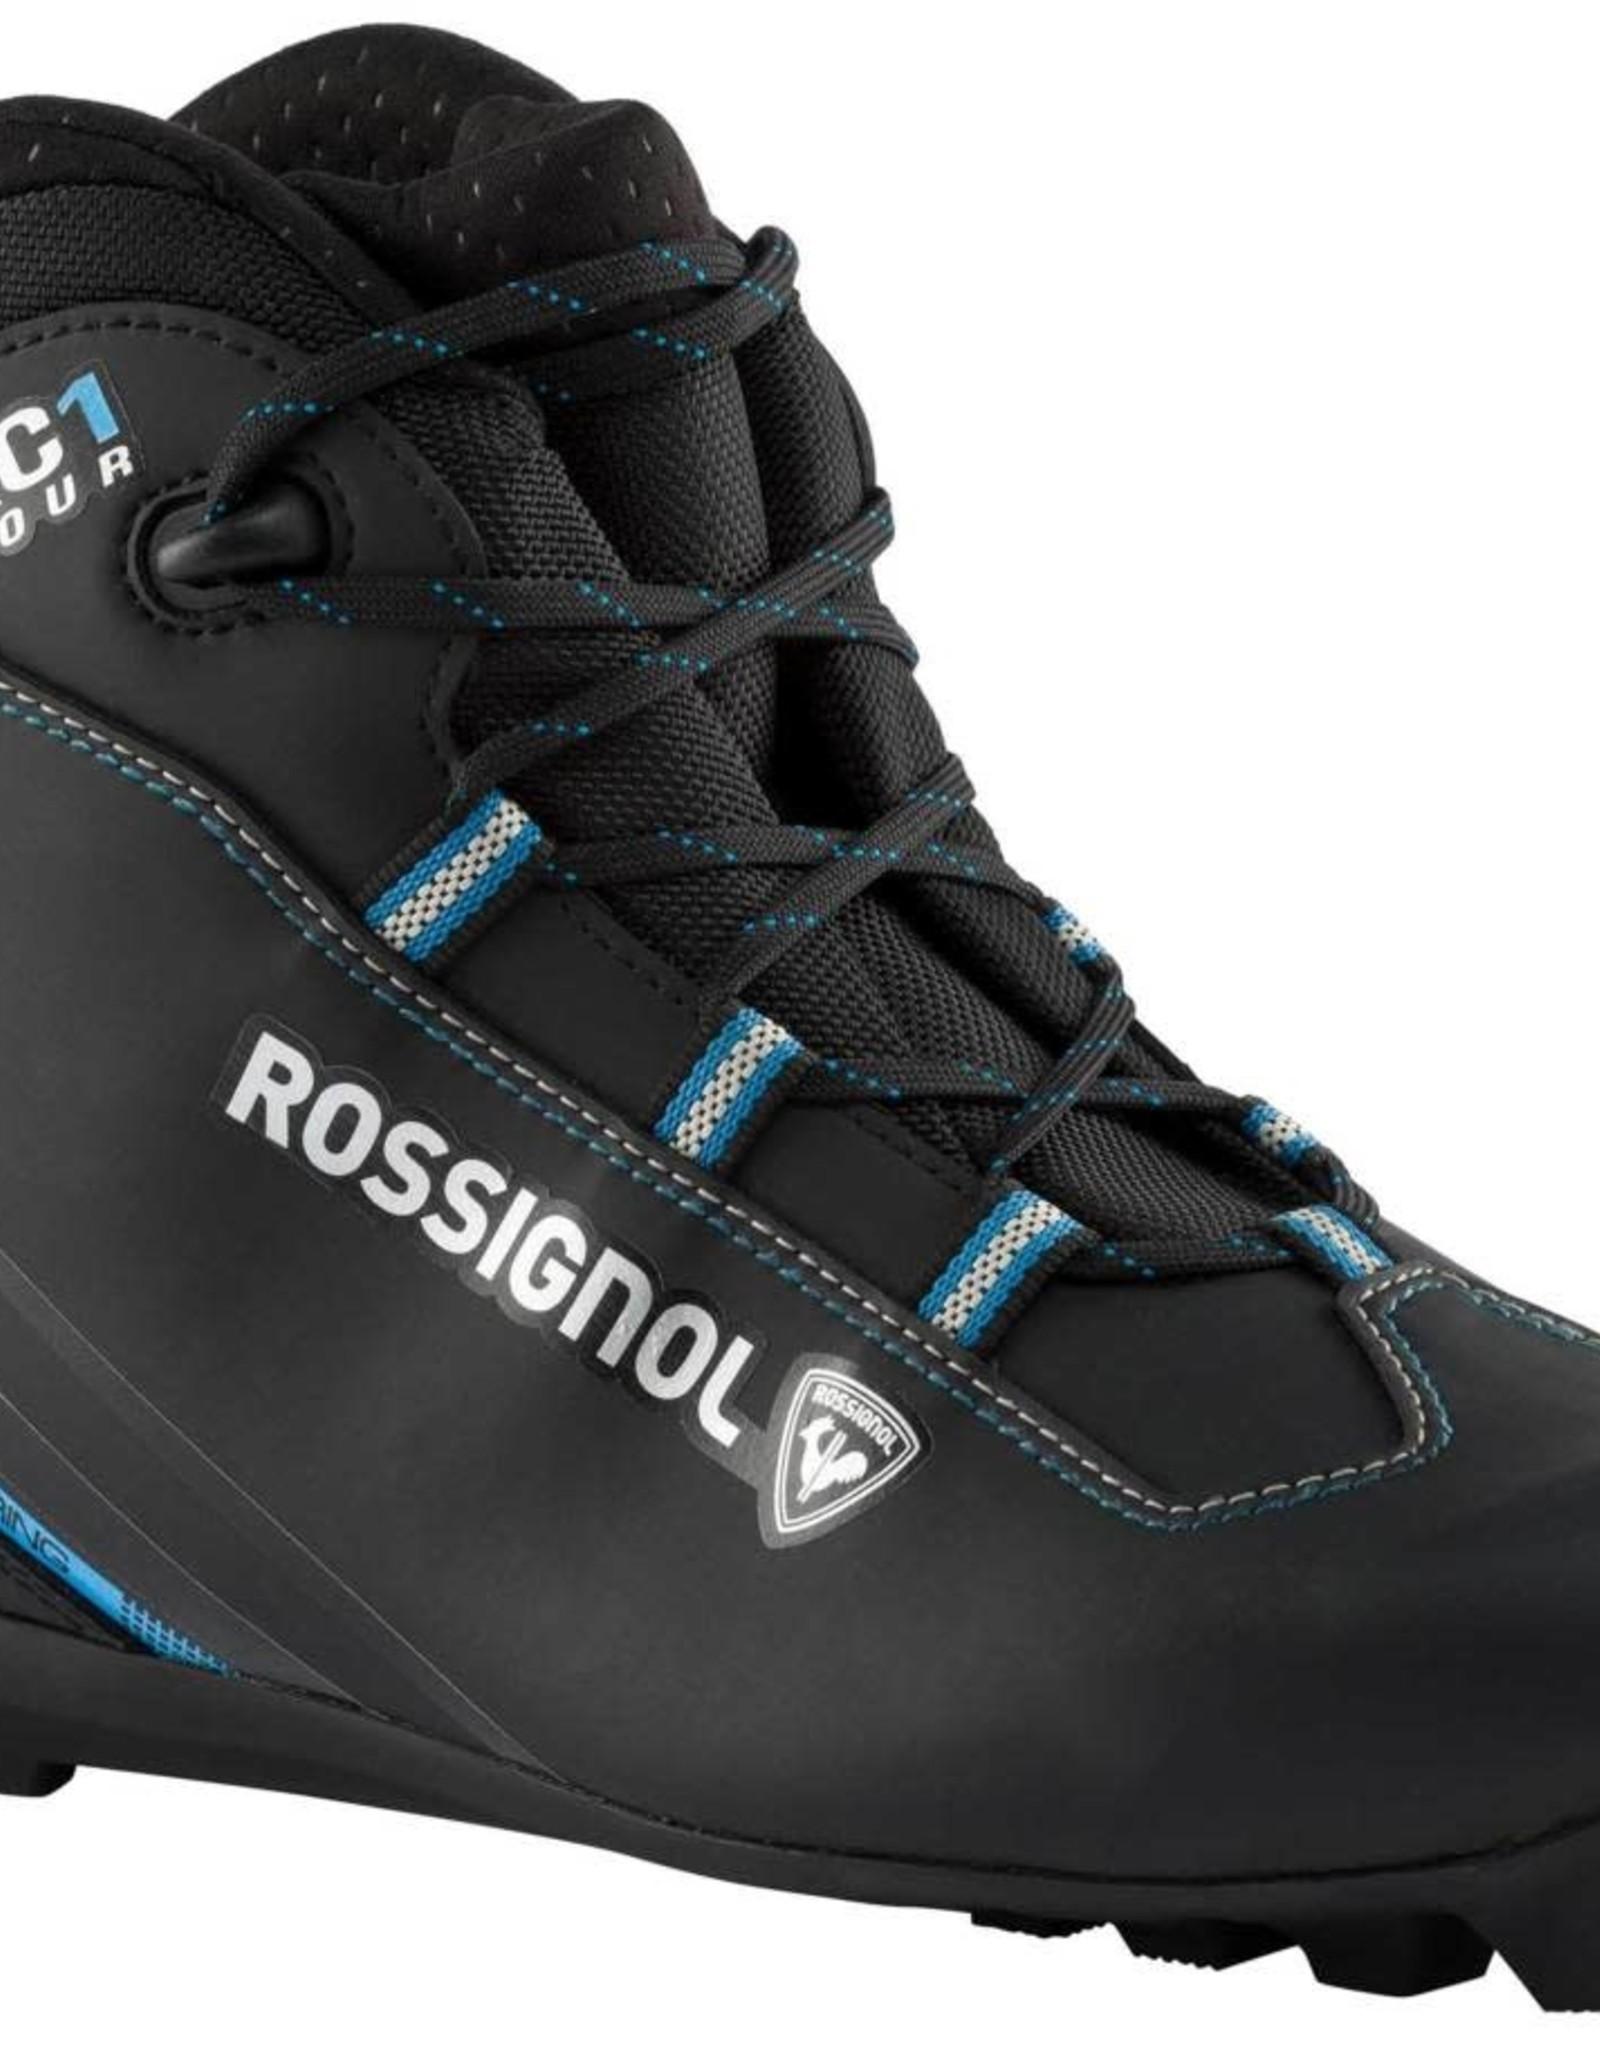 Rossignol ROSSIGNOL X-1  FW - 420 (w10us) NNN